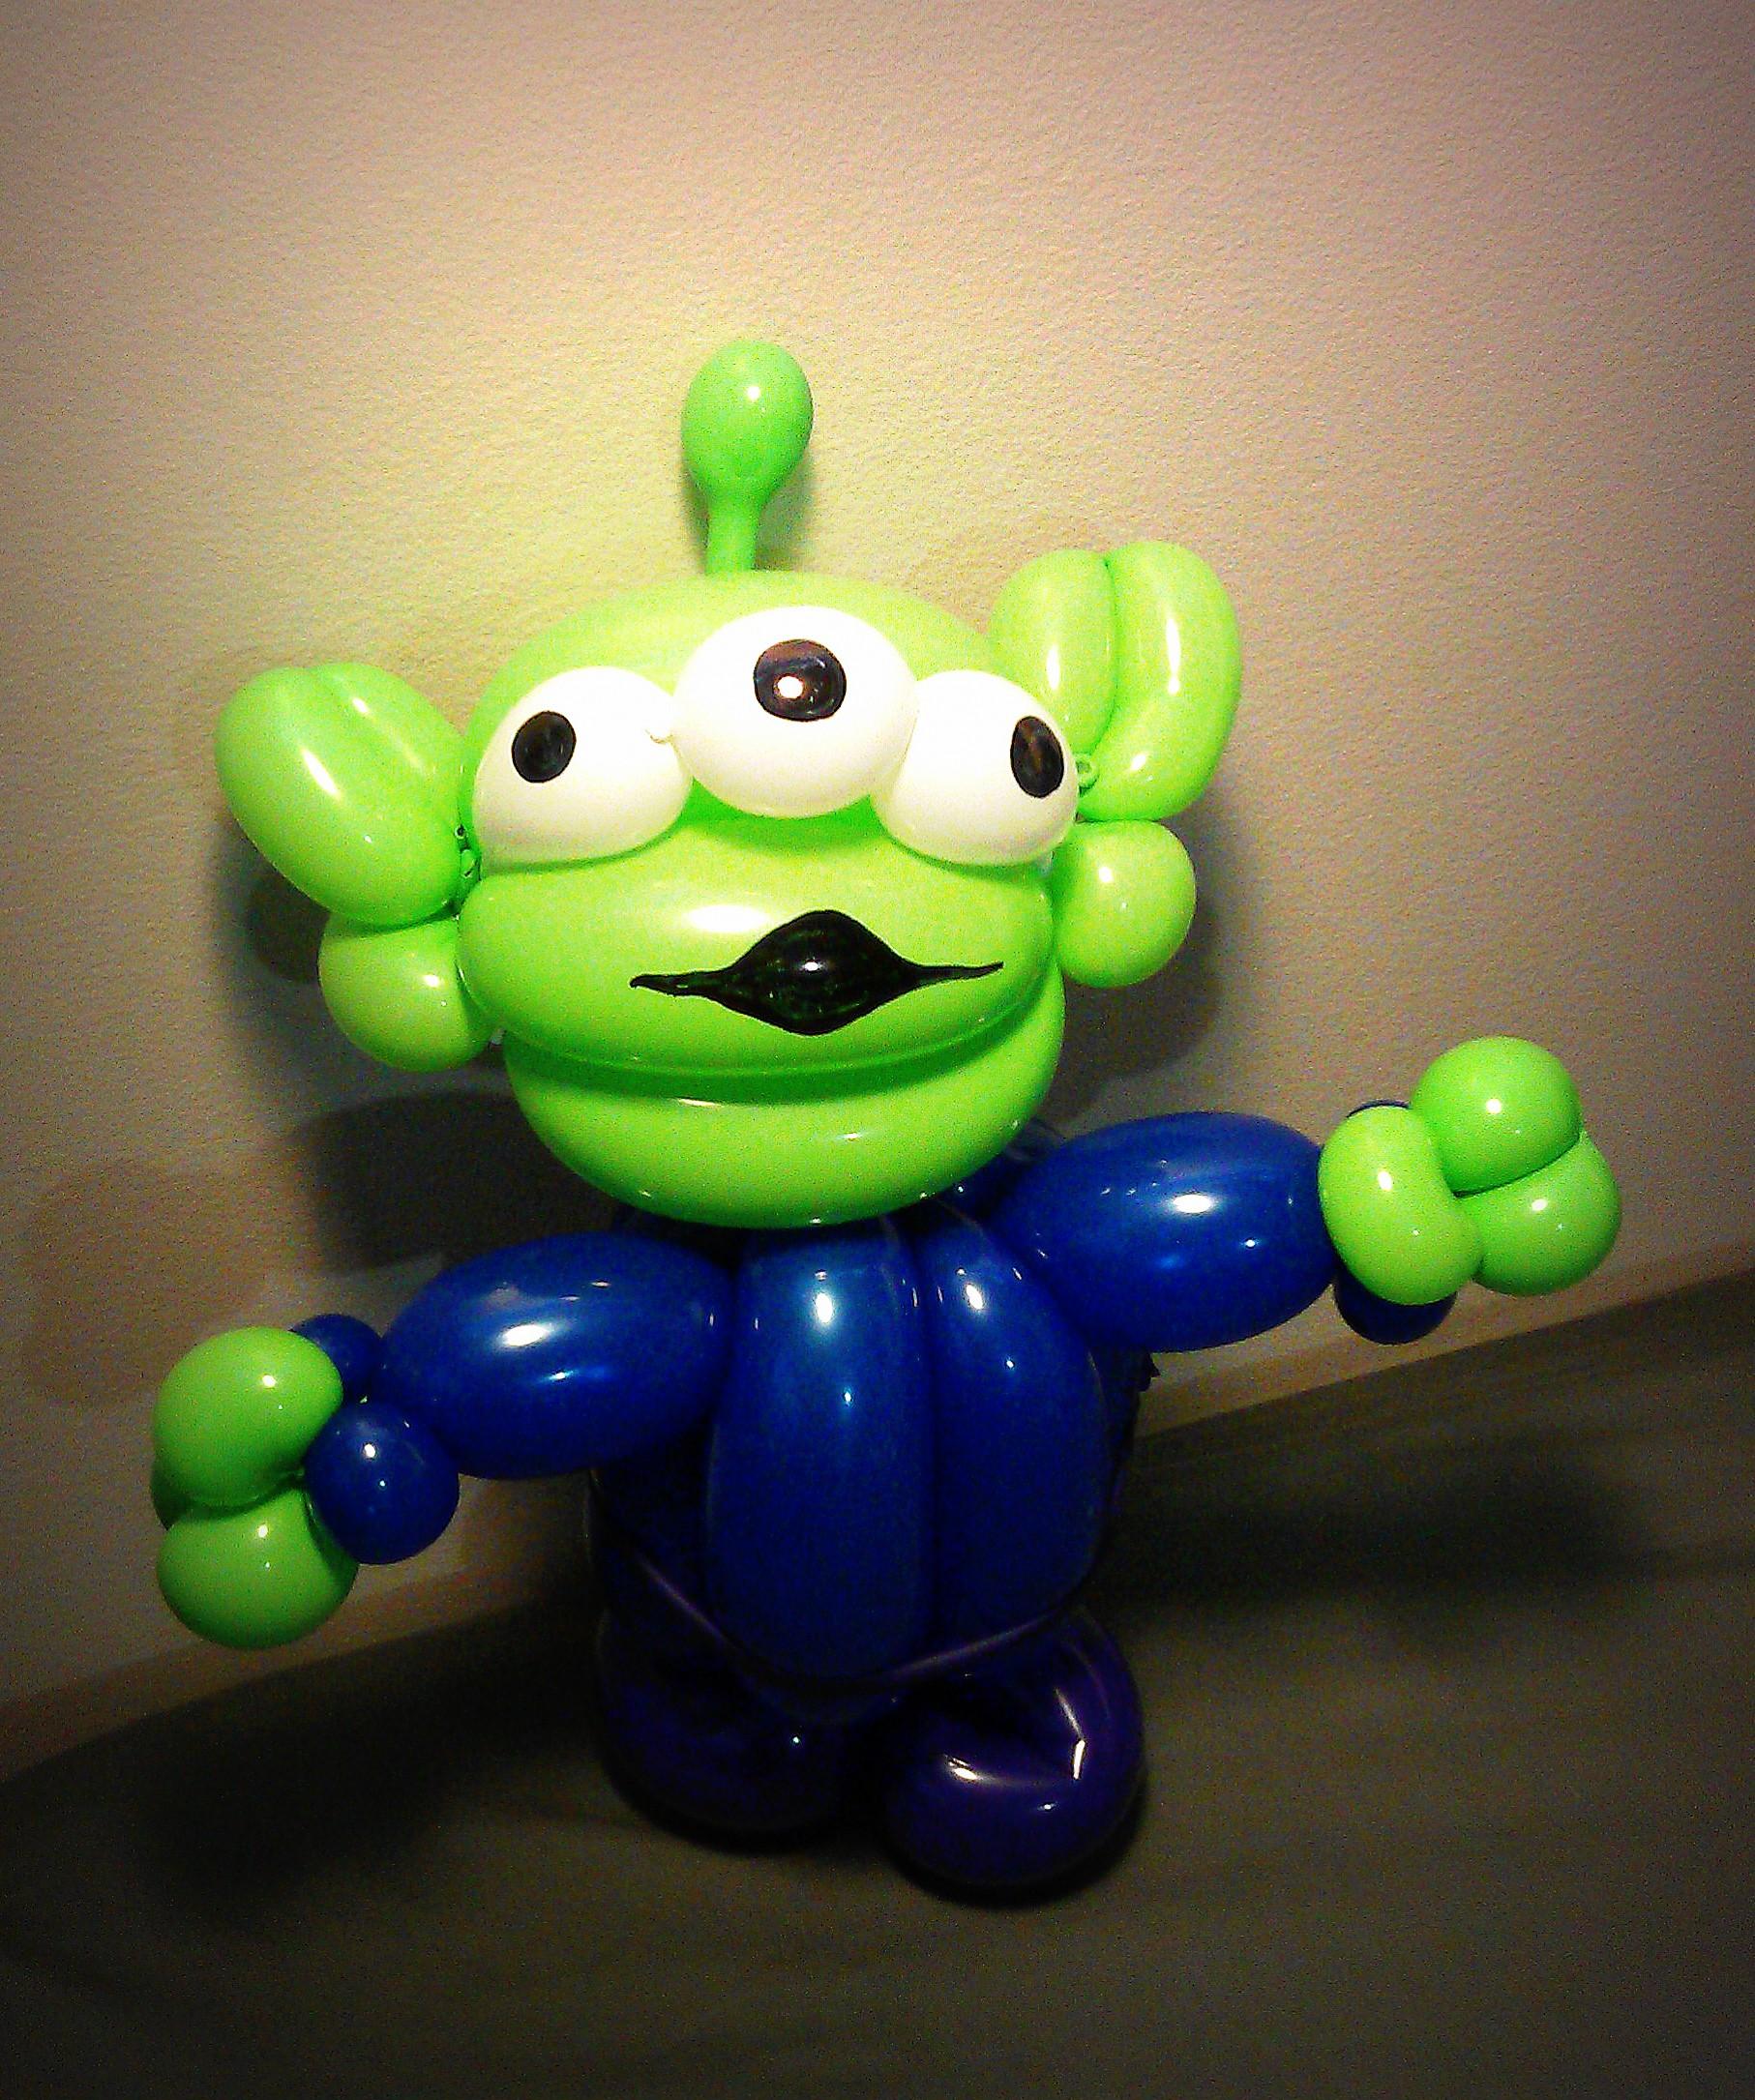 alien balloon toy story.jpg